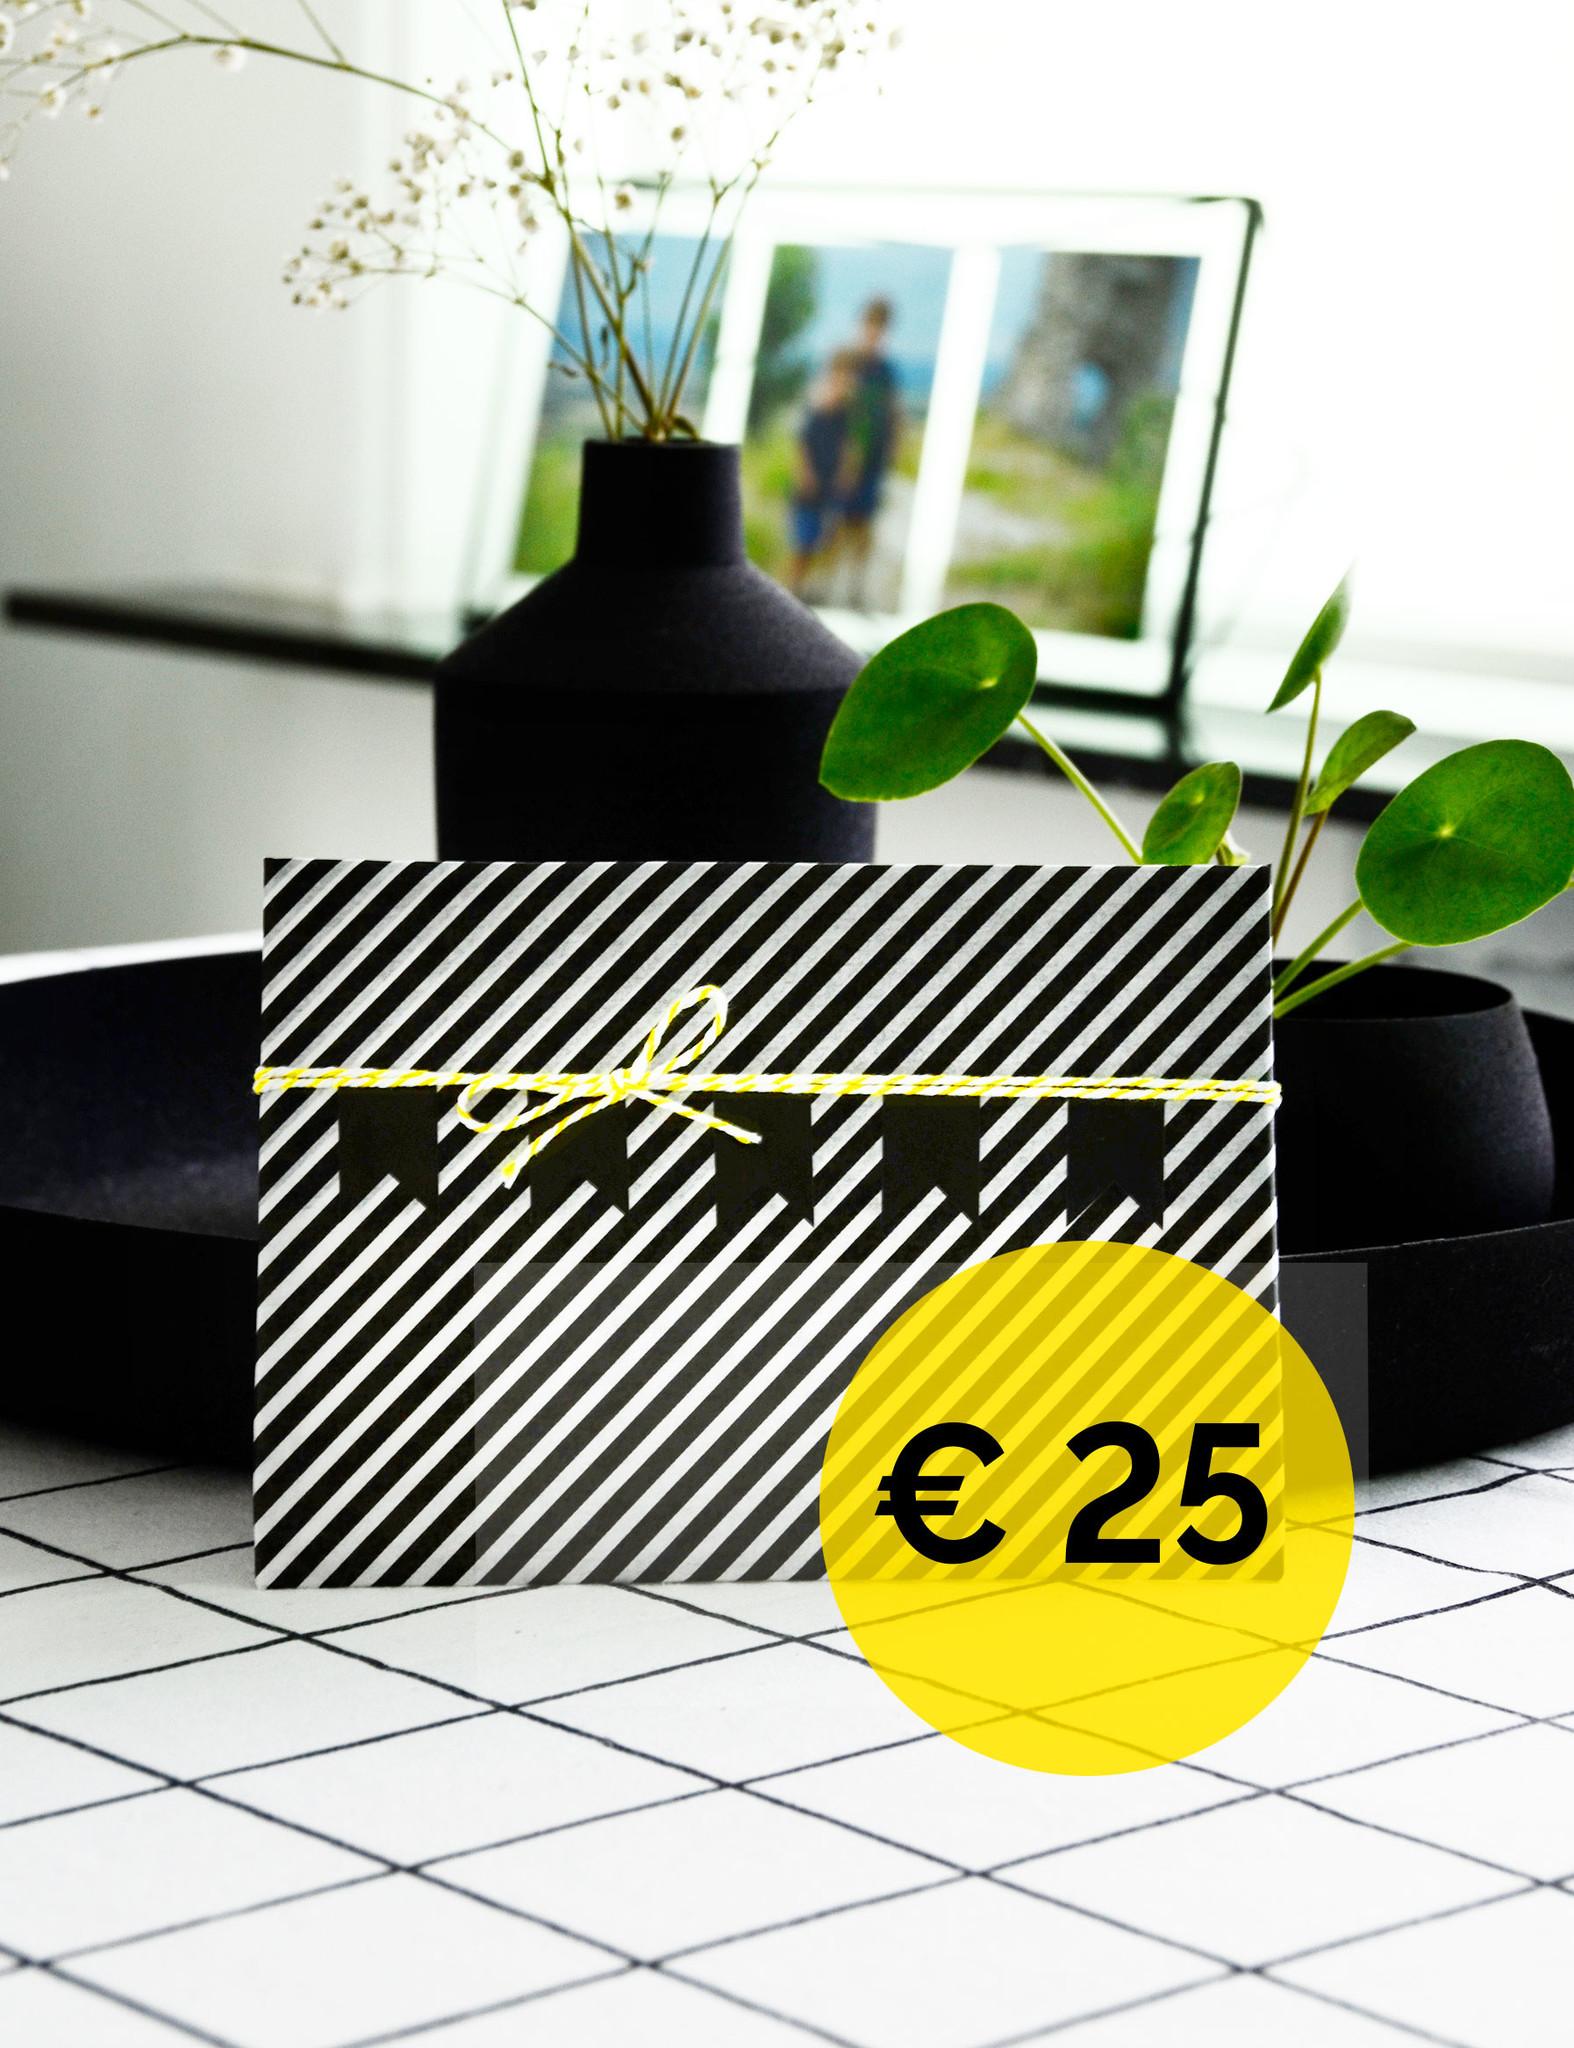 cadeaubon - waarde € 25